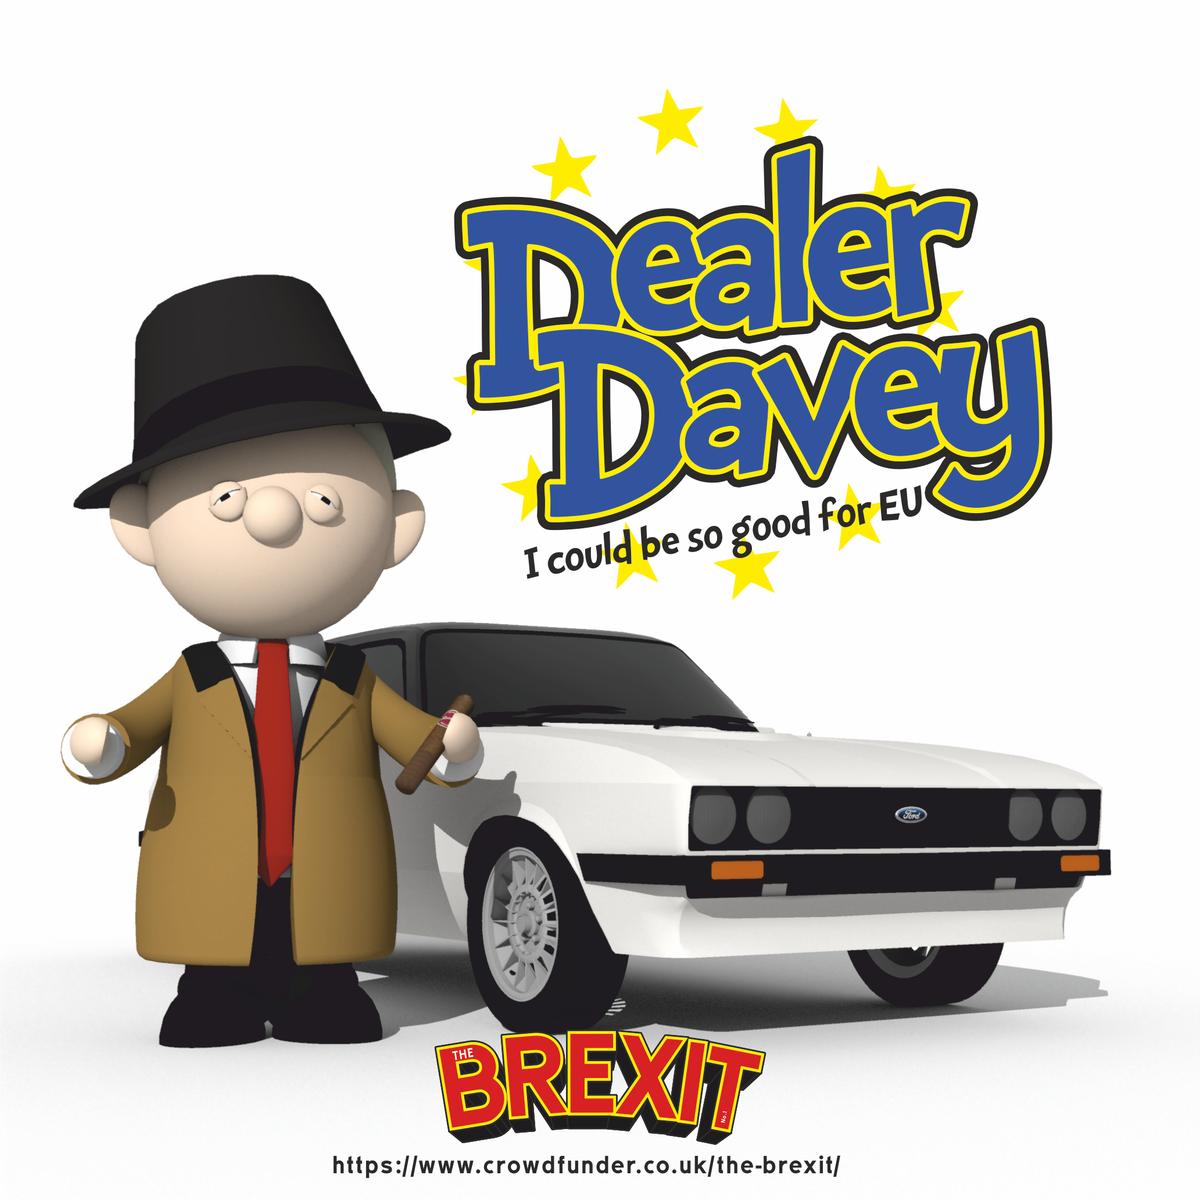 Dealer Davey I could be so good for EU  #TheBrexit